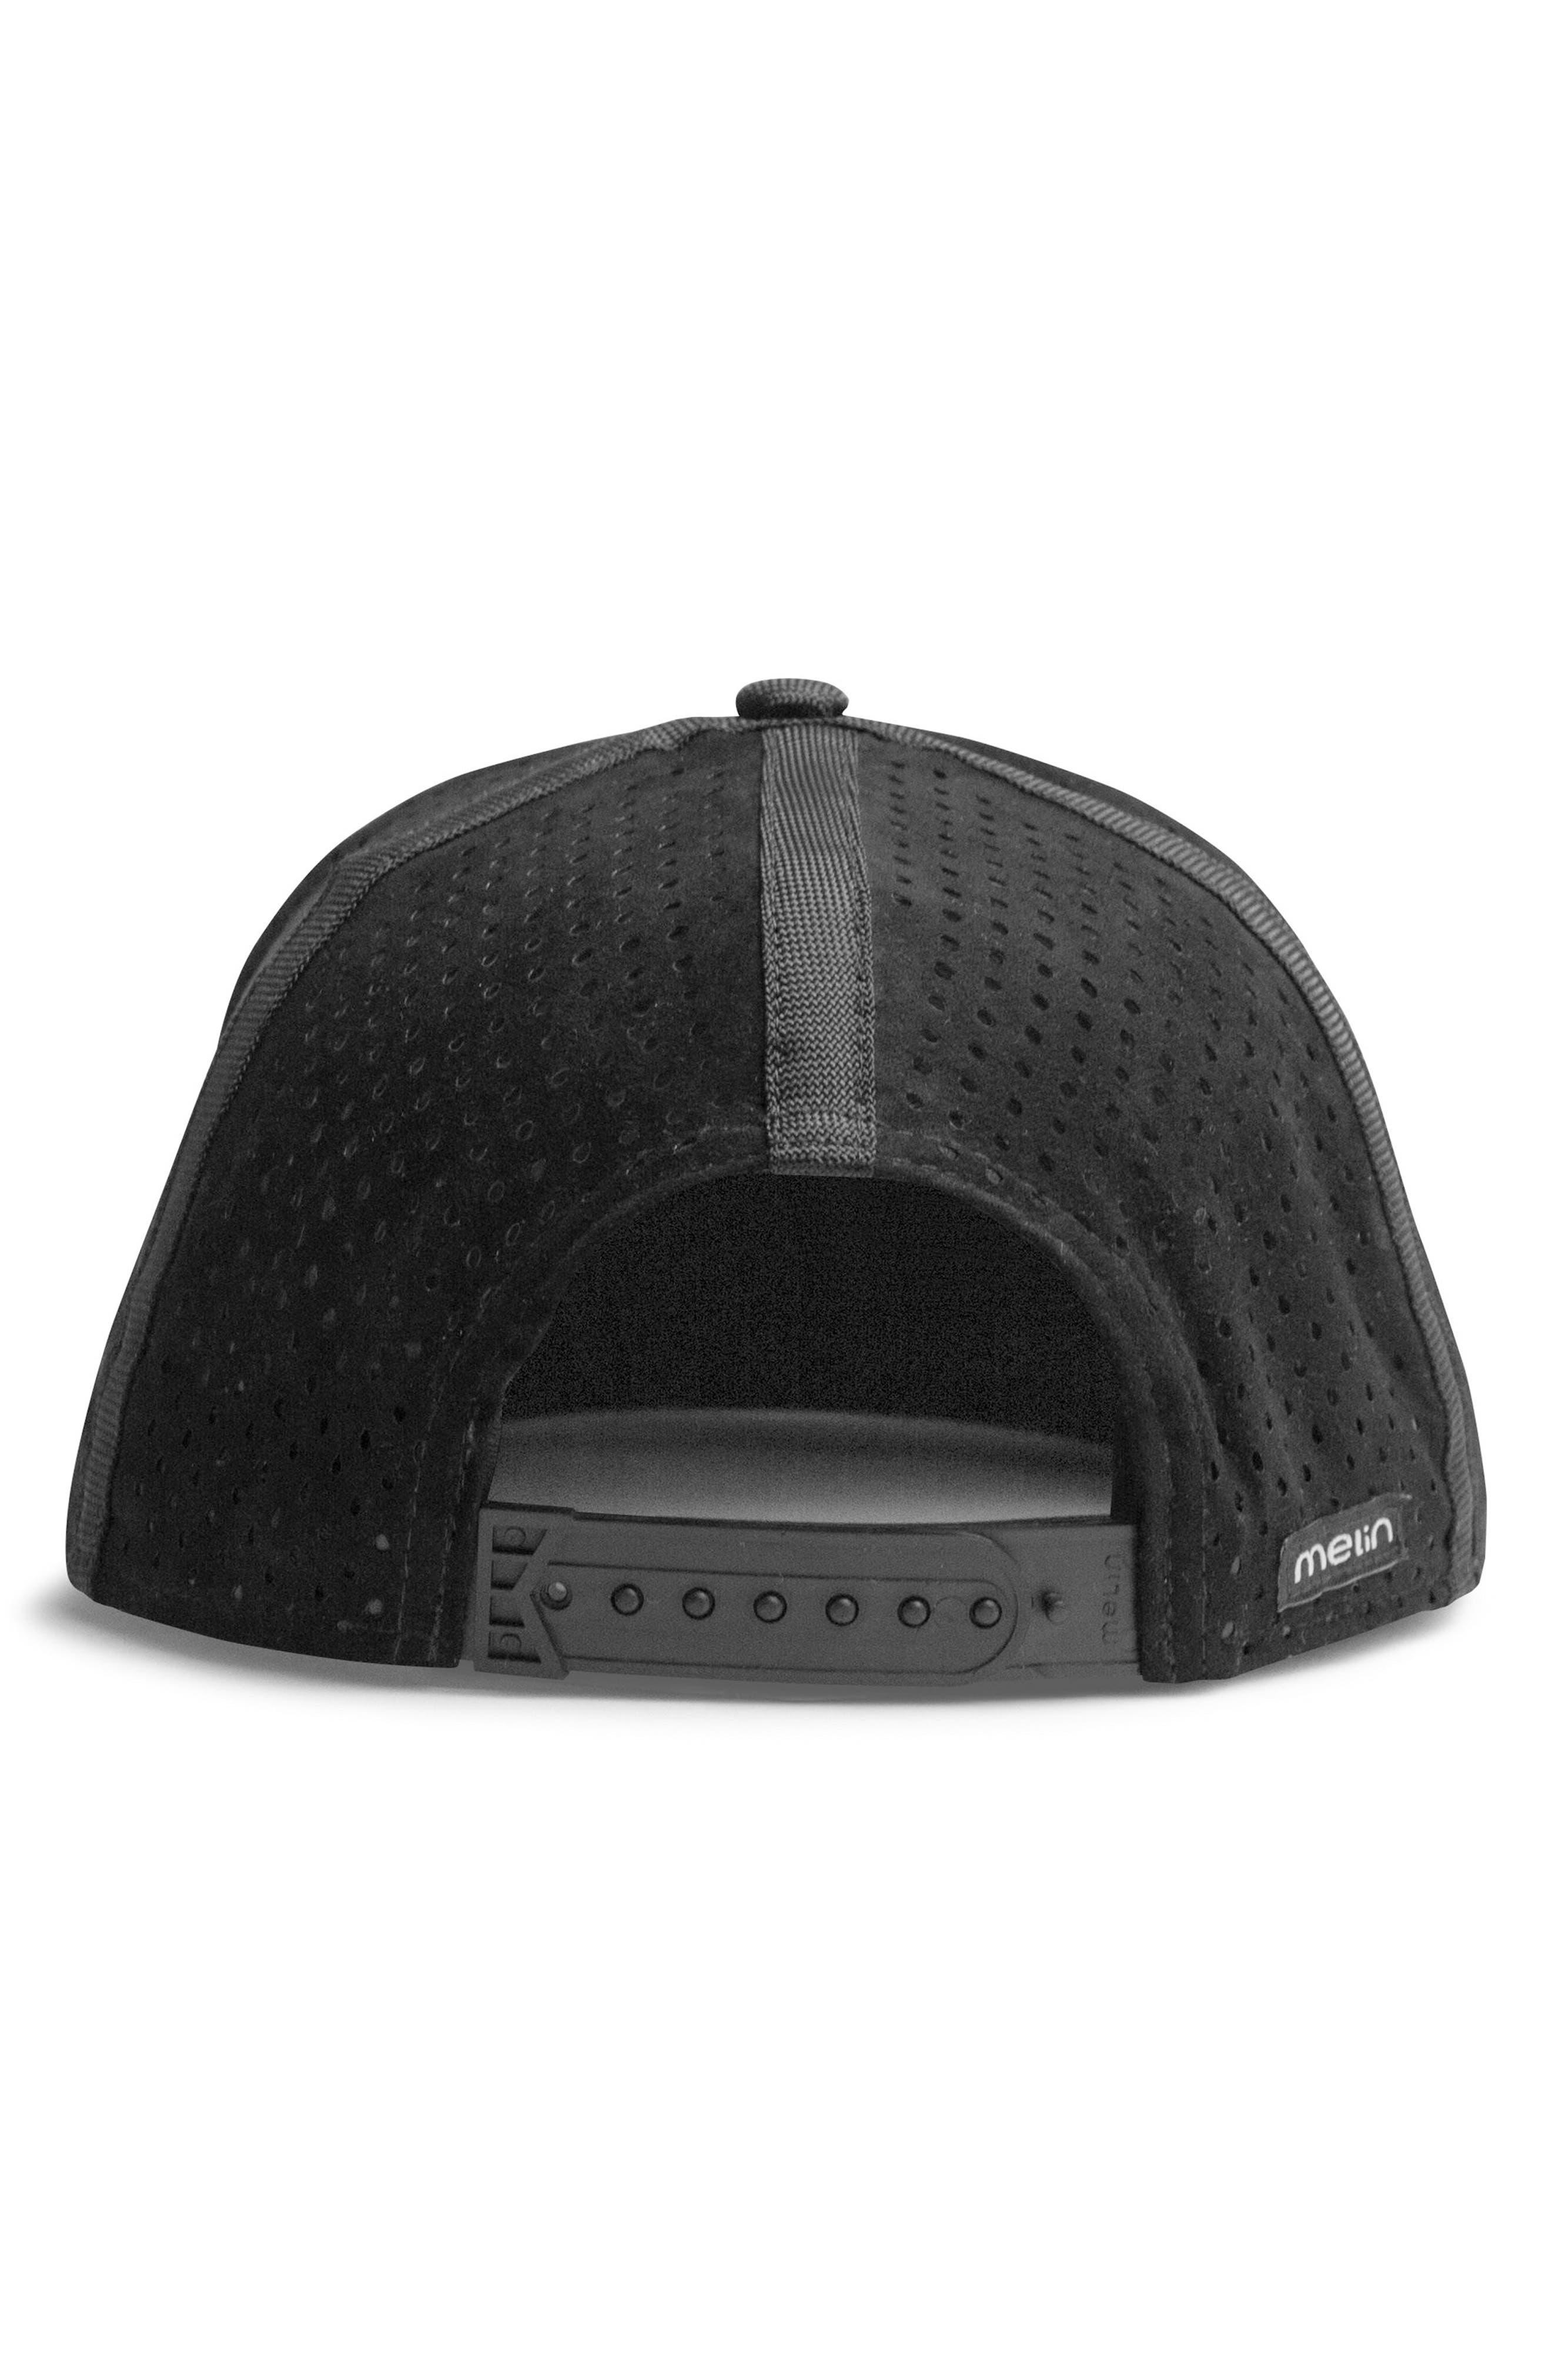 'Amphibian' Split Fit Snapback Baseball Cap,                             Alternate thumbnail 5, color,                             Black/ Black